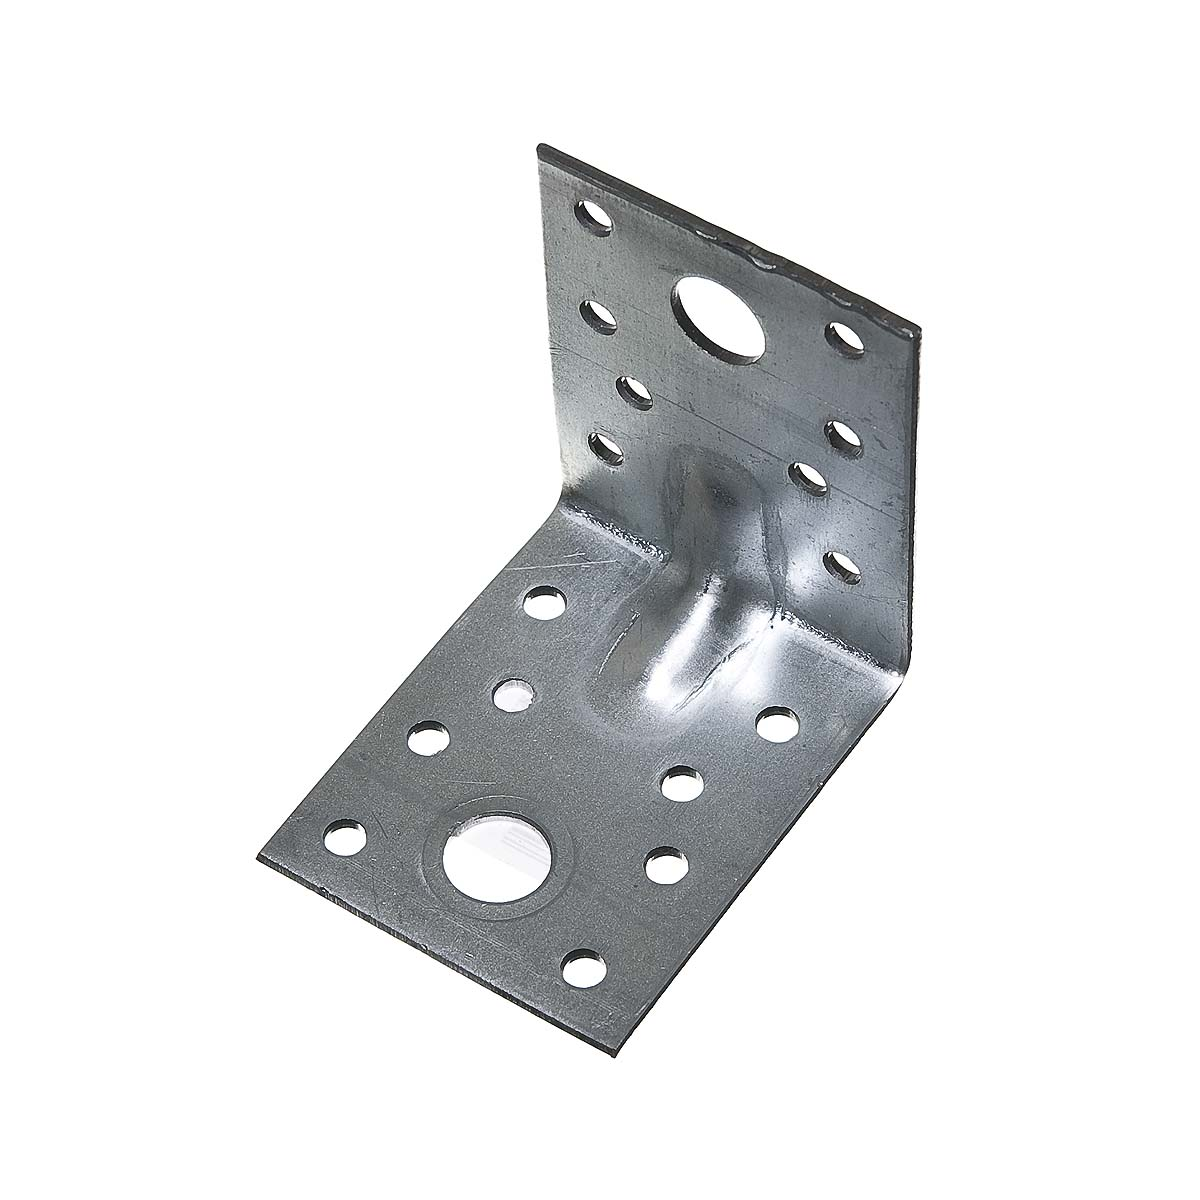 Уголок крепежный усиленный оцинкованный  70х70х55х2 мм